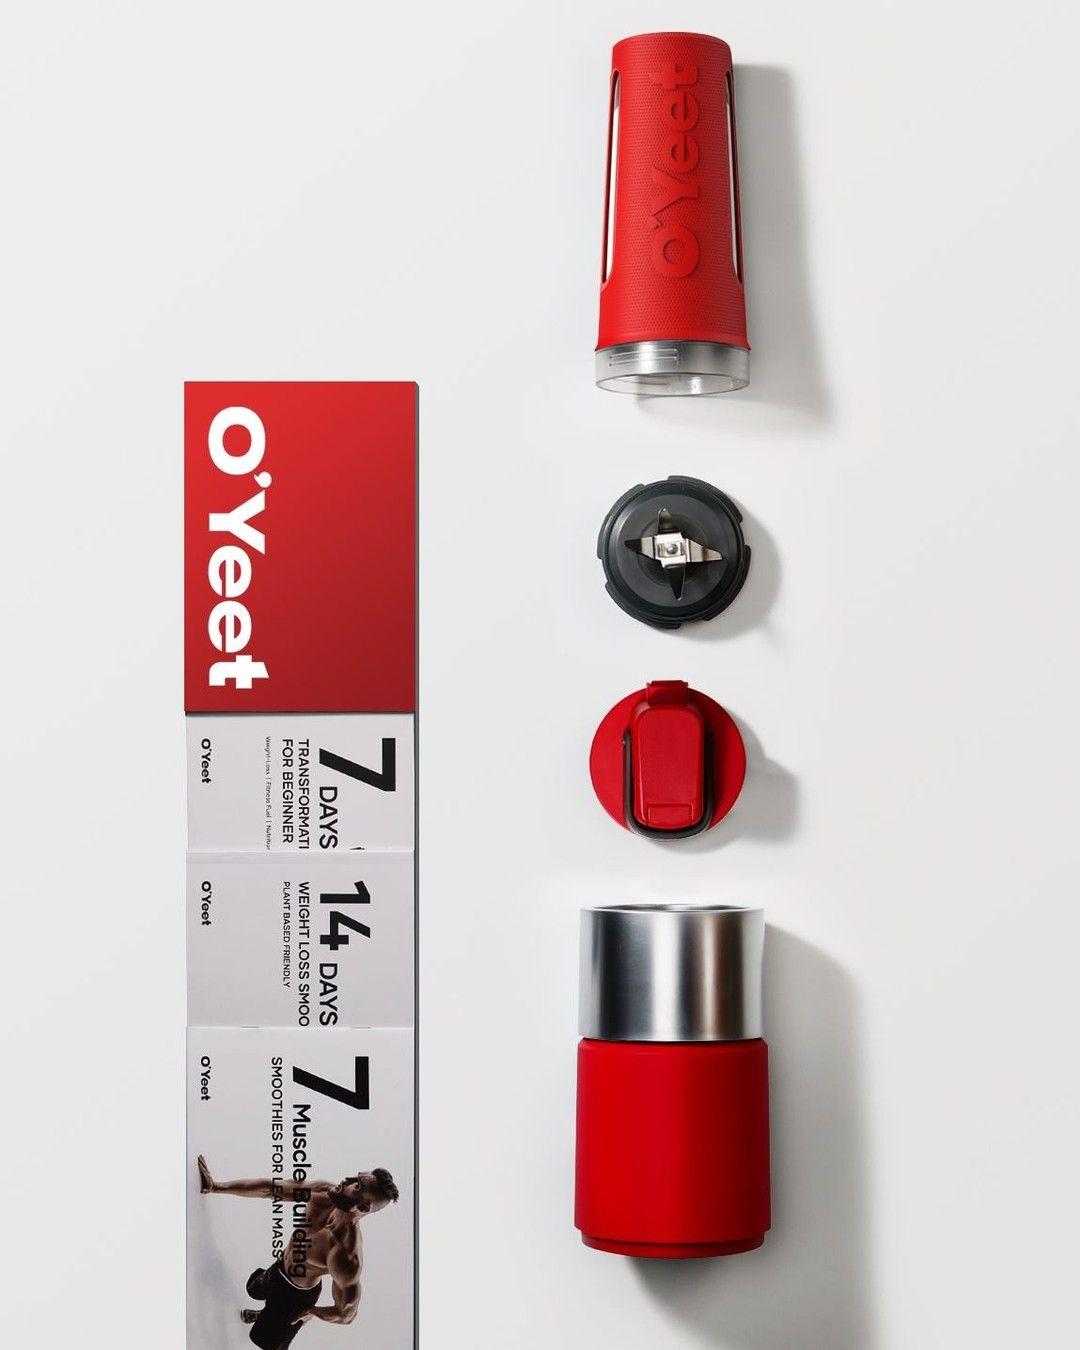 Pin On Oyeet Gopower Blender